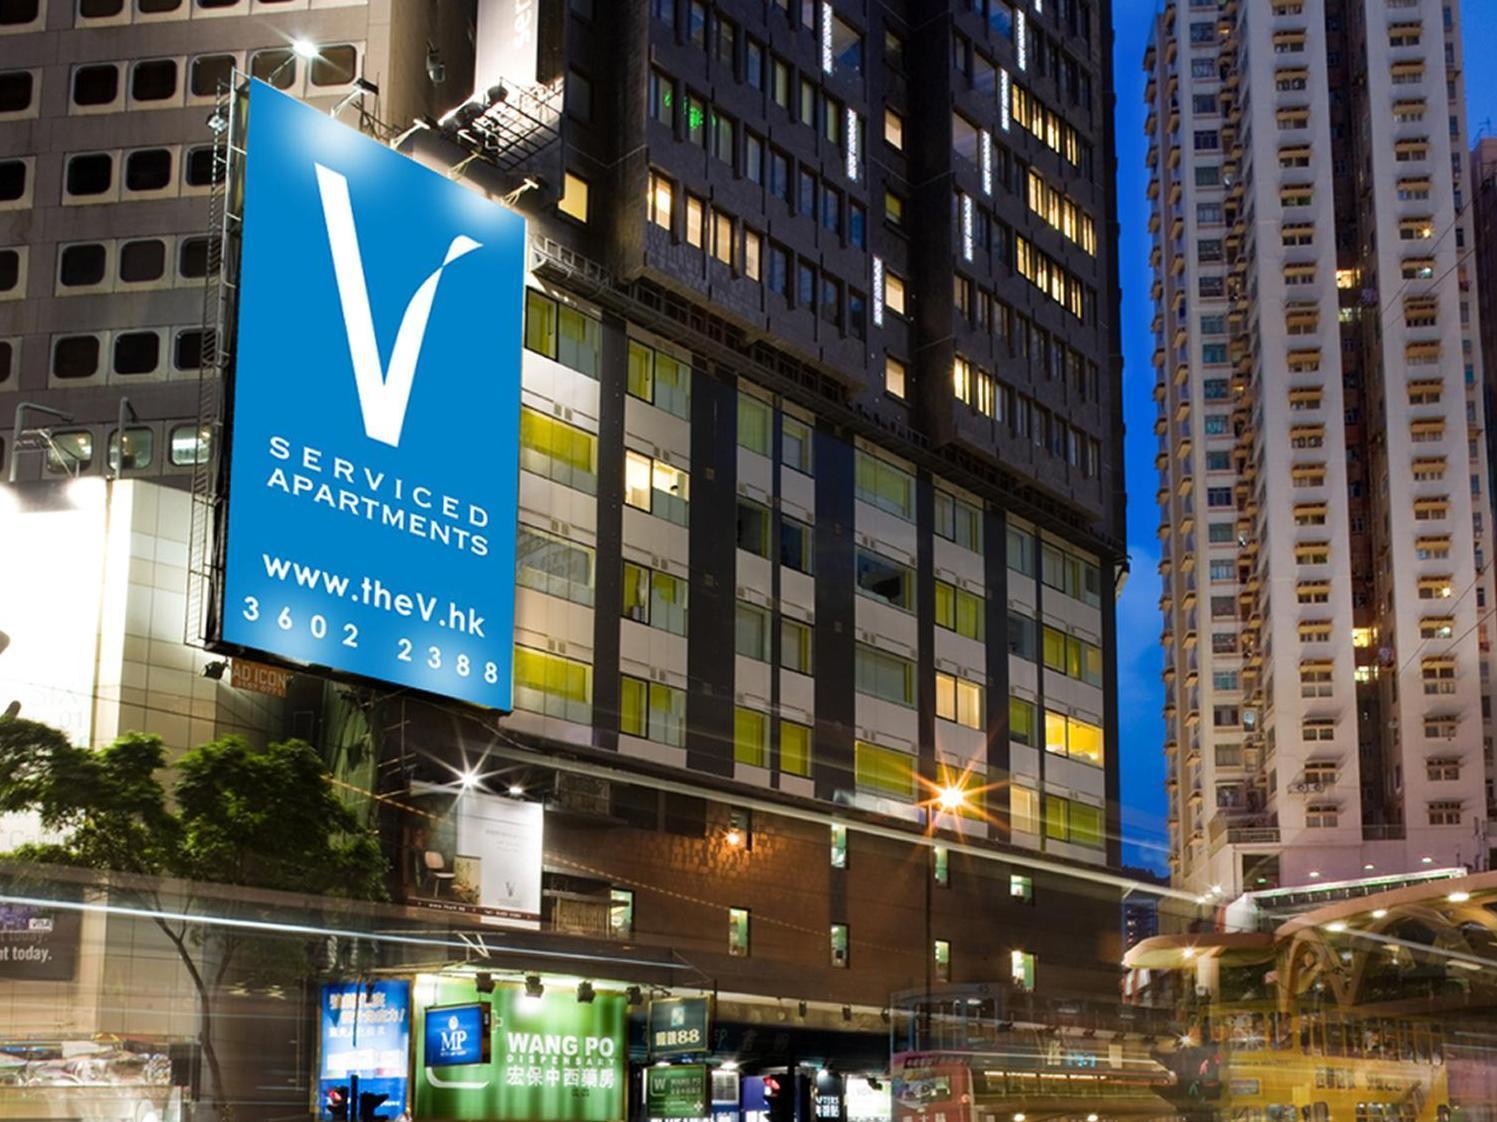 v causeway bay causeway bay hong kong hong kong great discounted rates. Black Bedroom Furniture Sets. Home Design Ideas